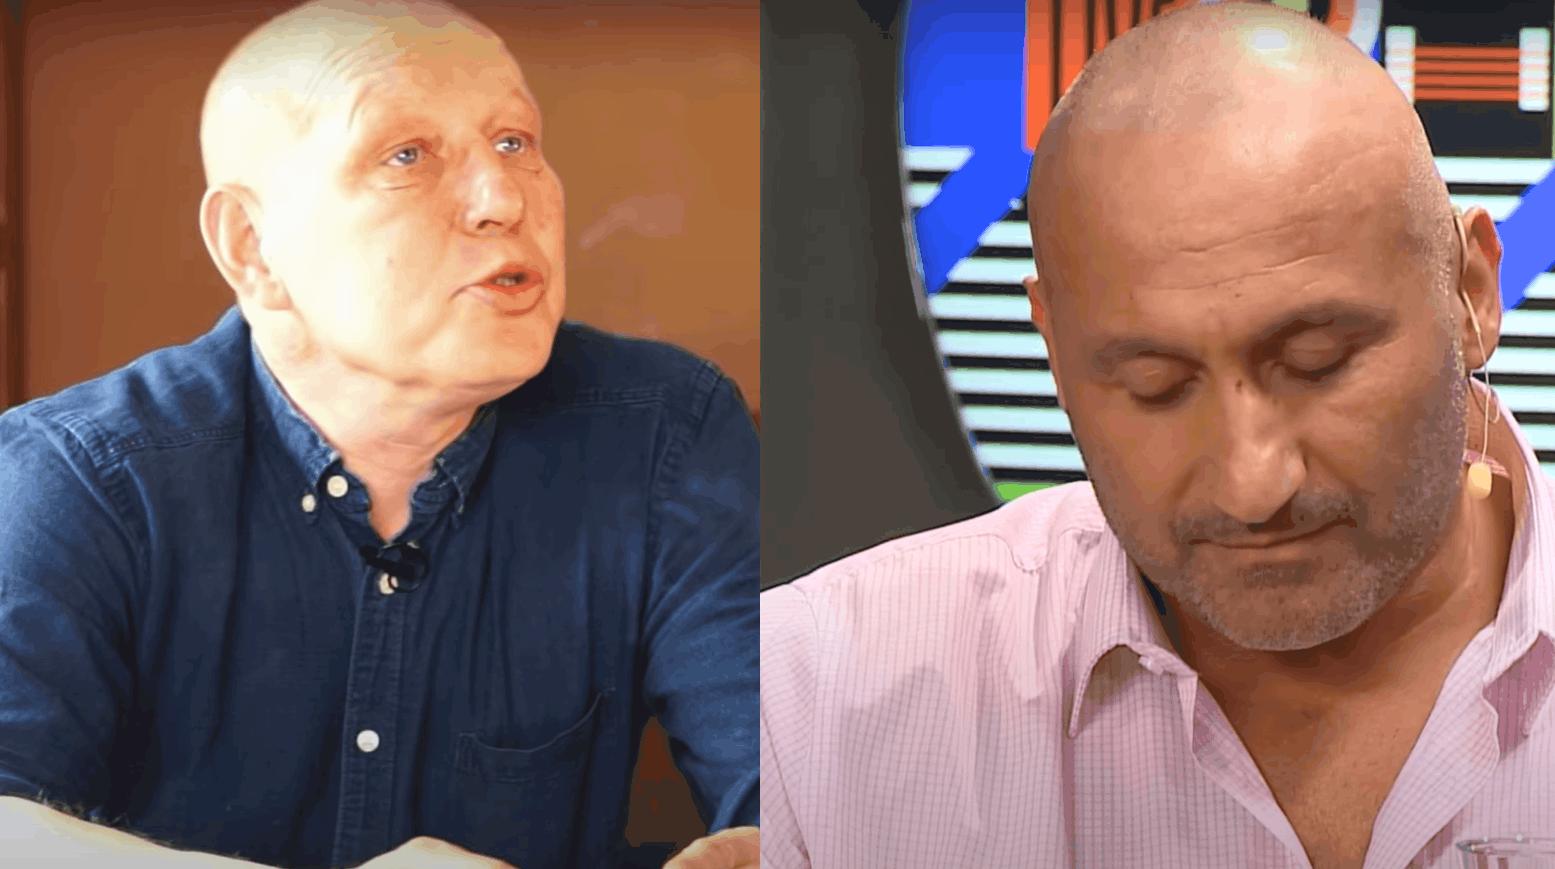 Marcin Najman (zawodnik FAME MMA) i Krzysztof Jackowski - znany jasnowidz z Człuchowa odbyli wspólną rozmowę na portalu YouTube